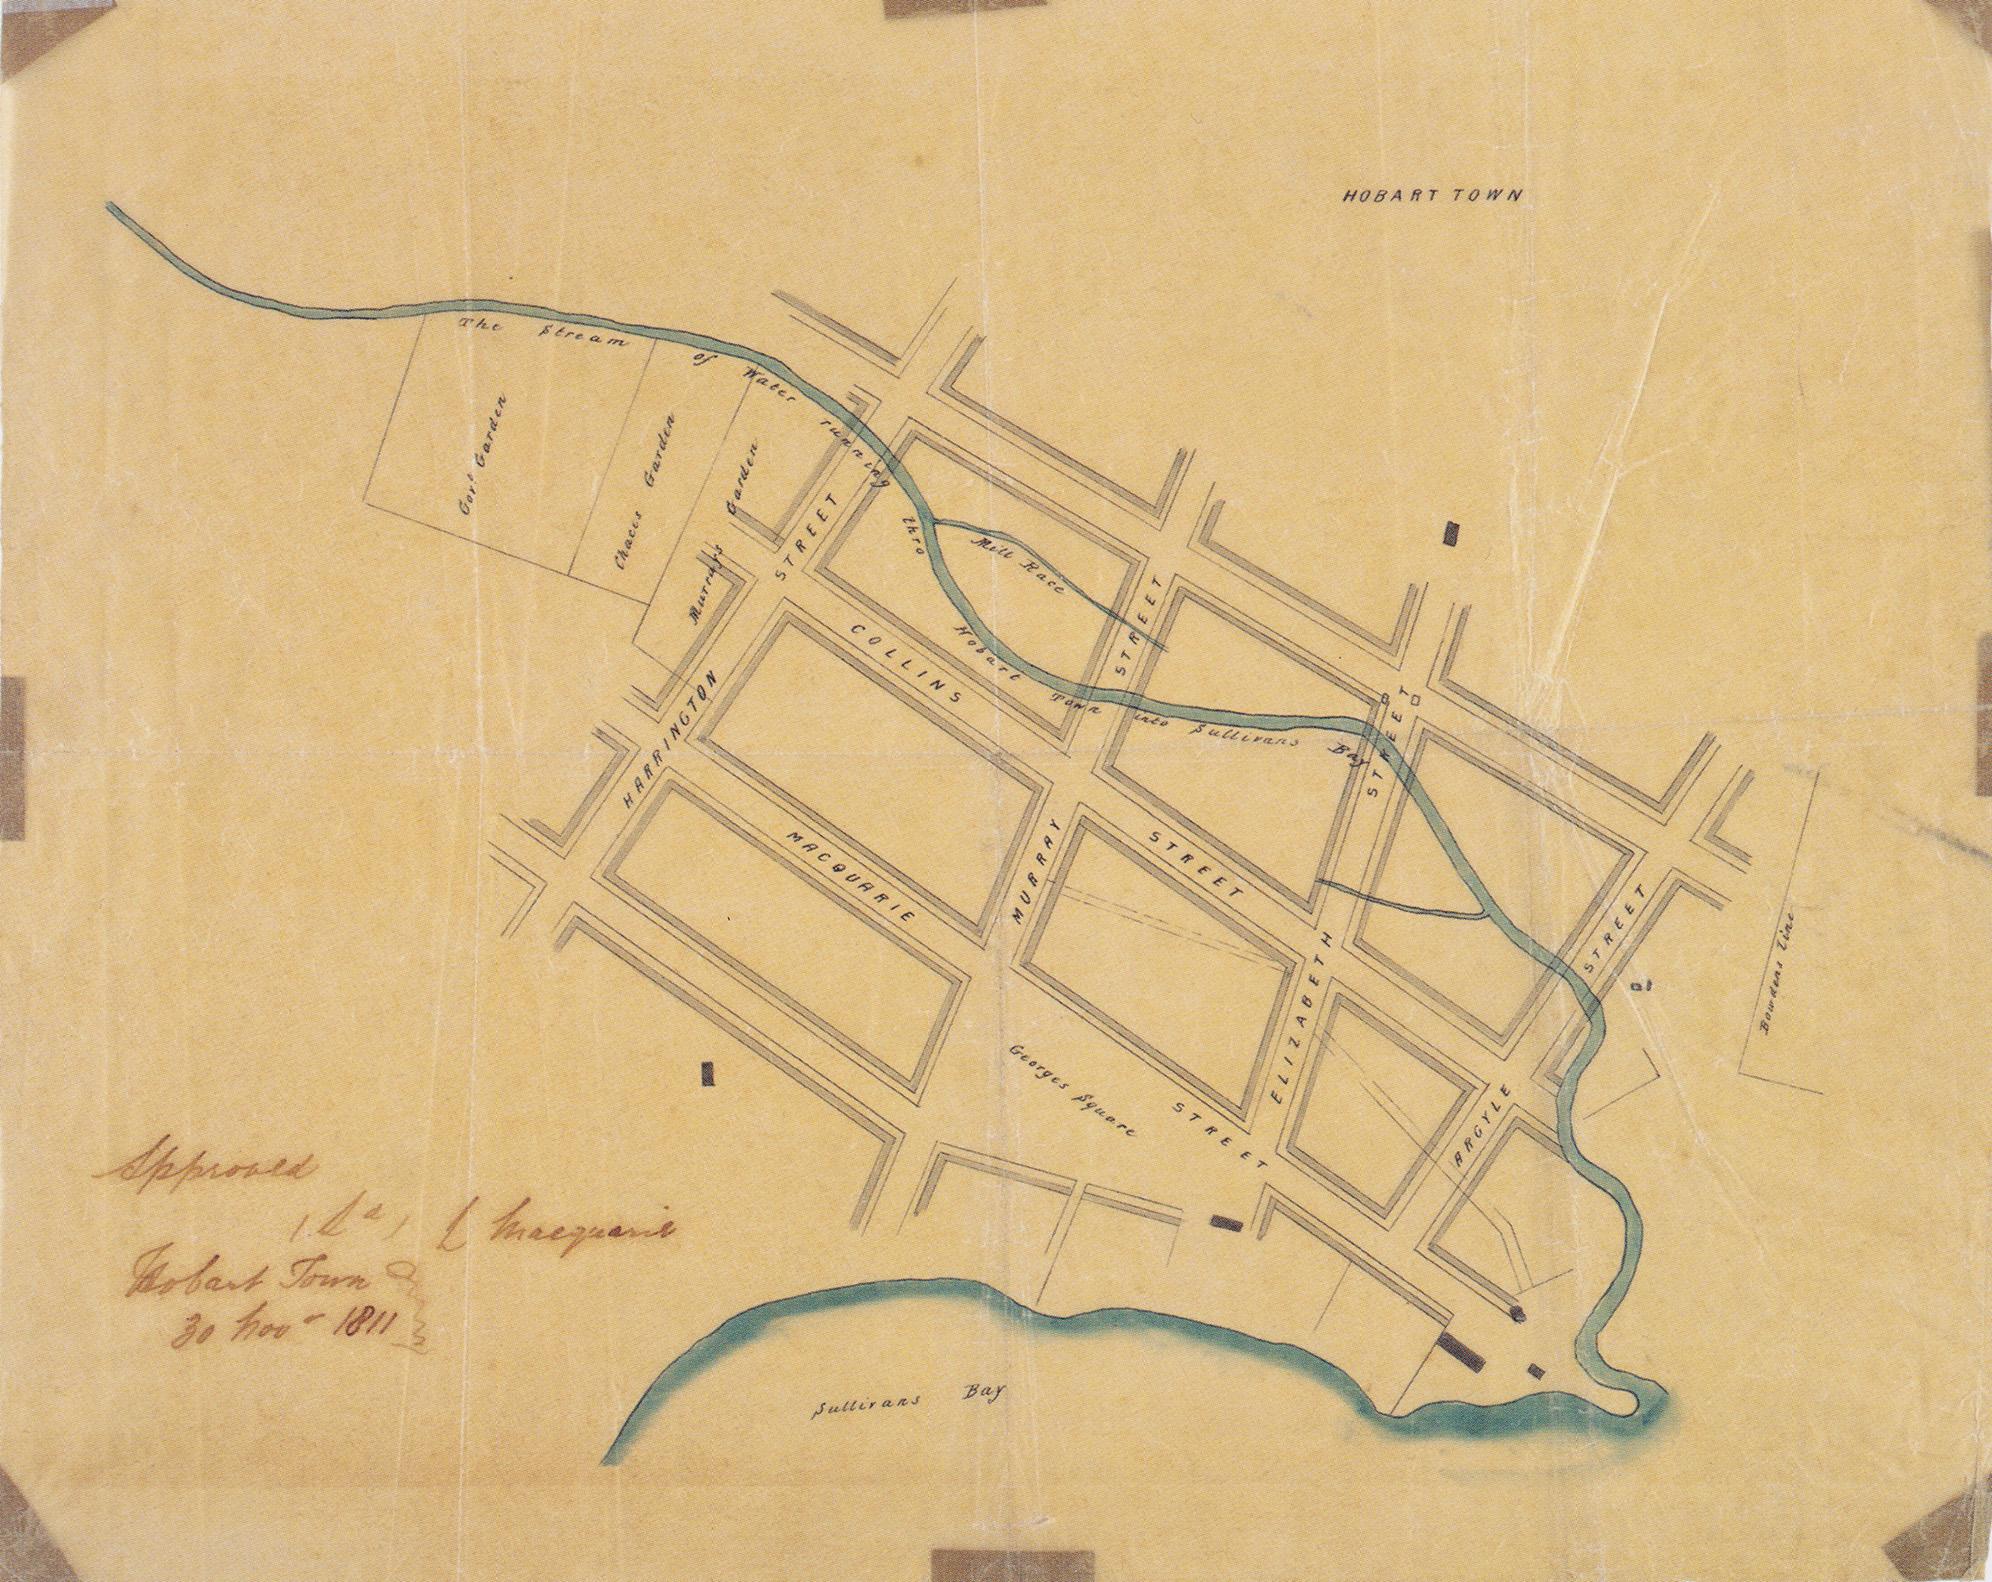 Plan of Hobart Town 1811 – James Meehan